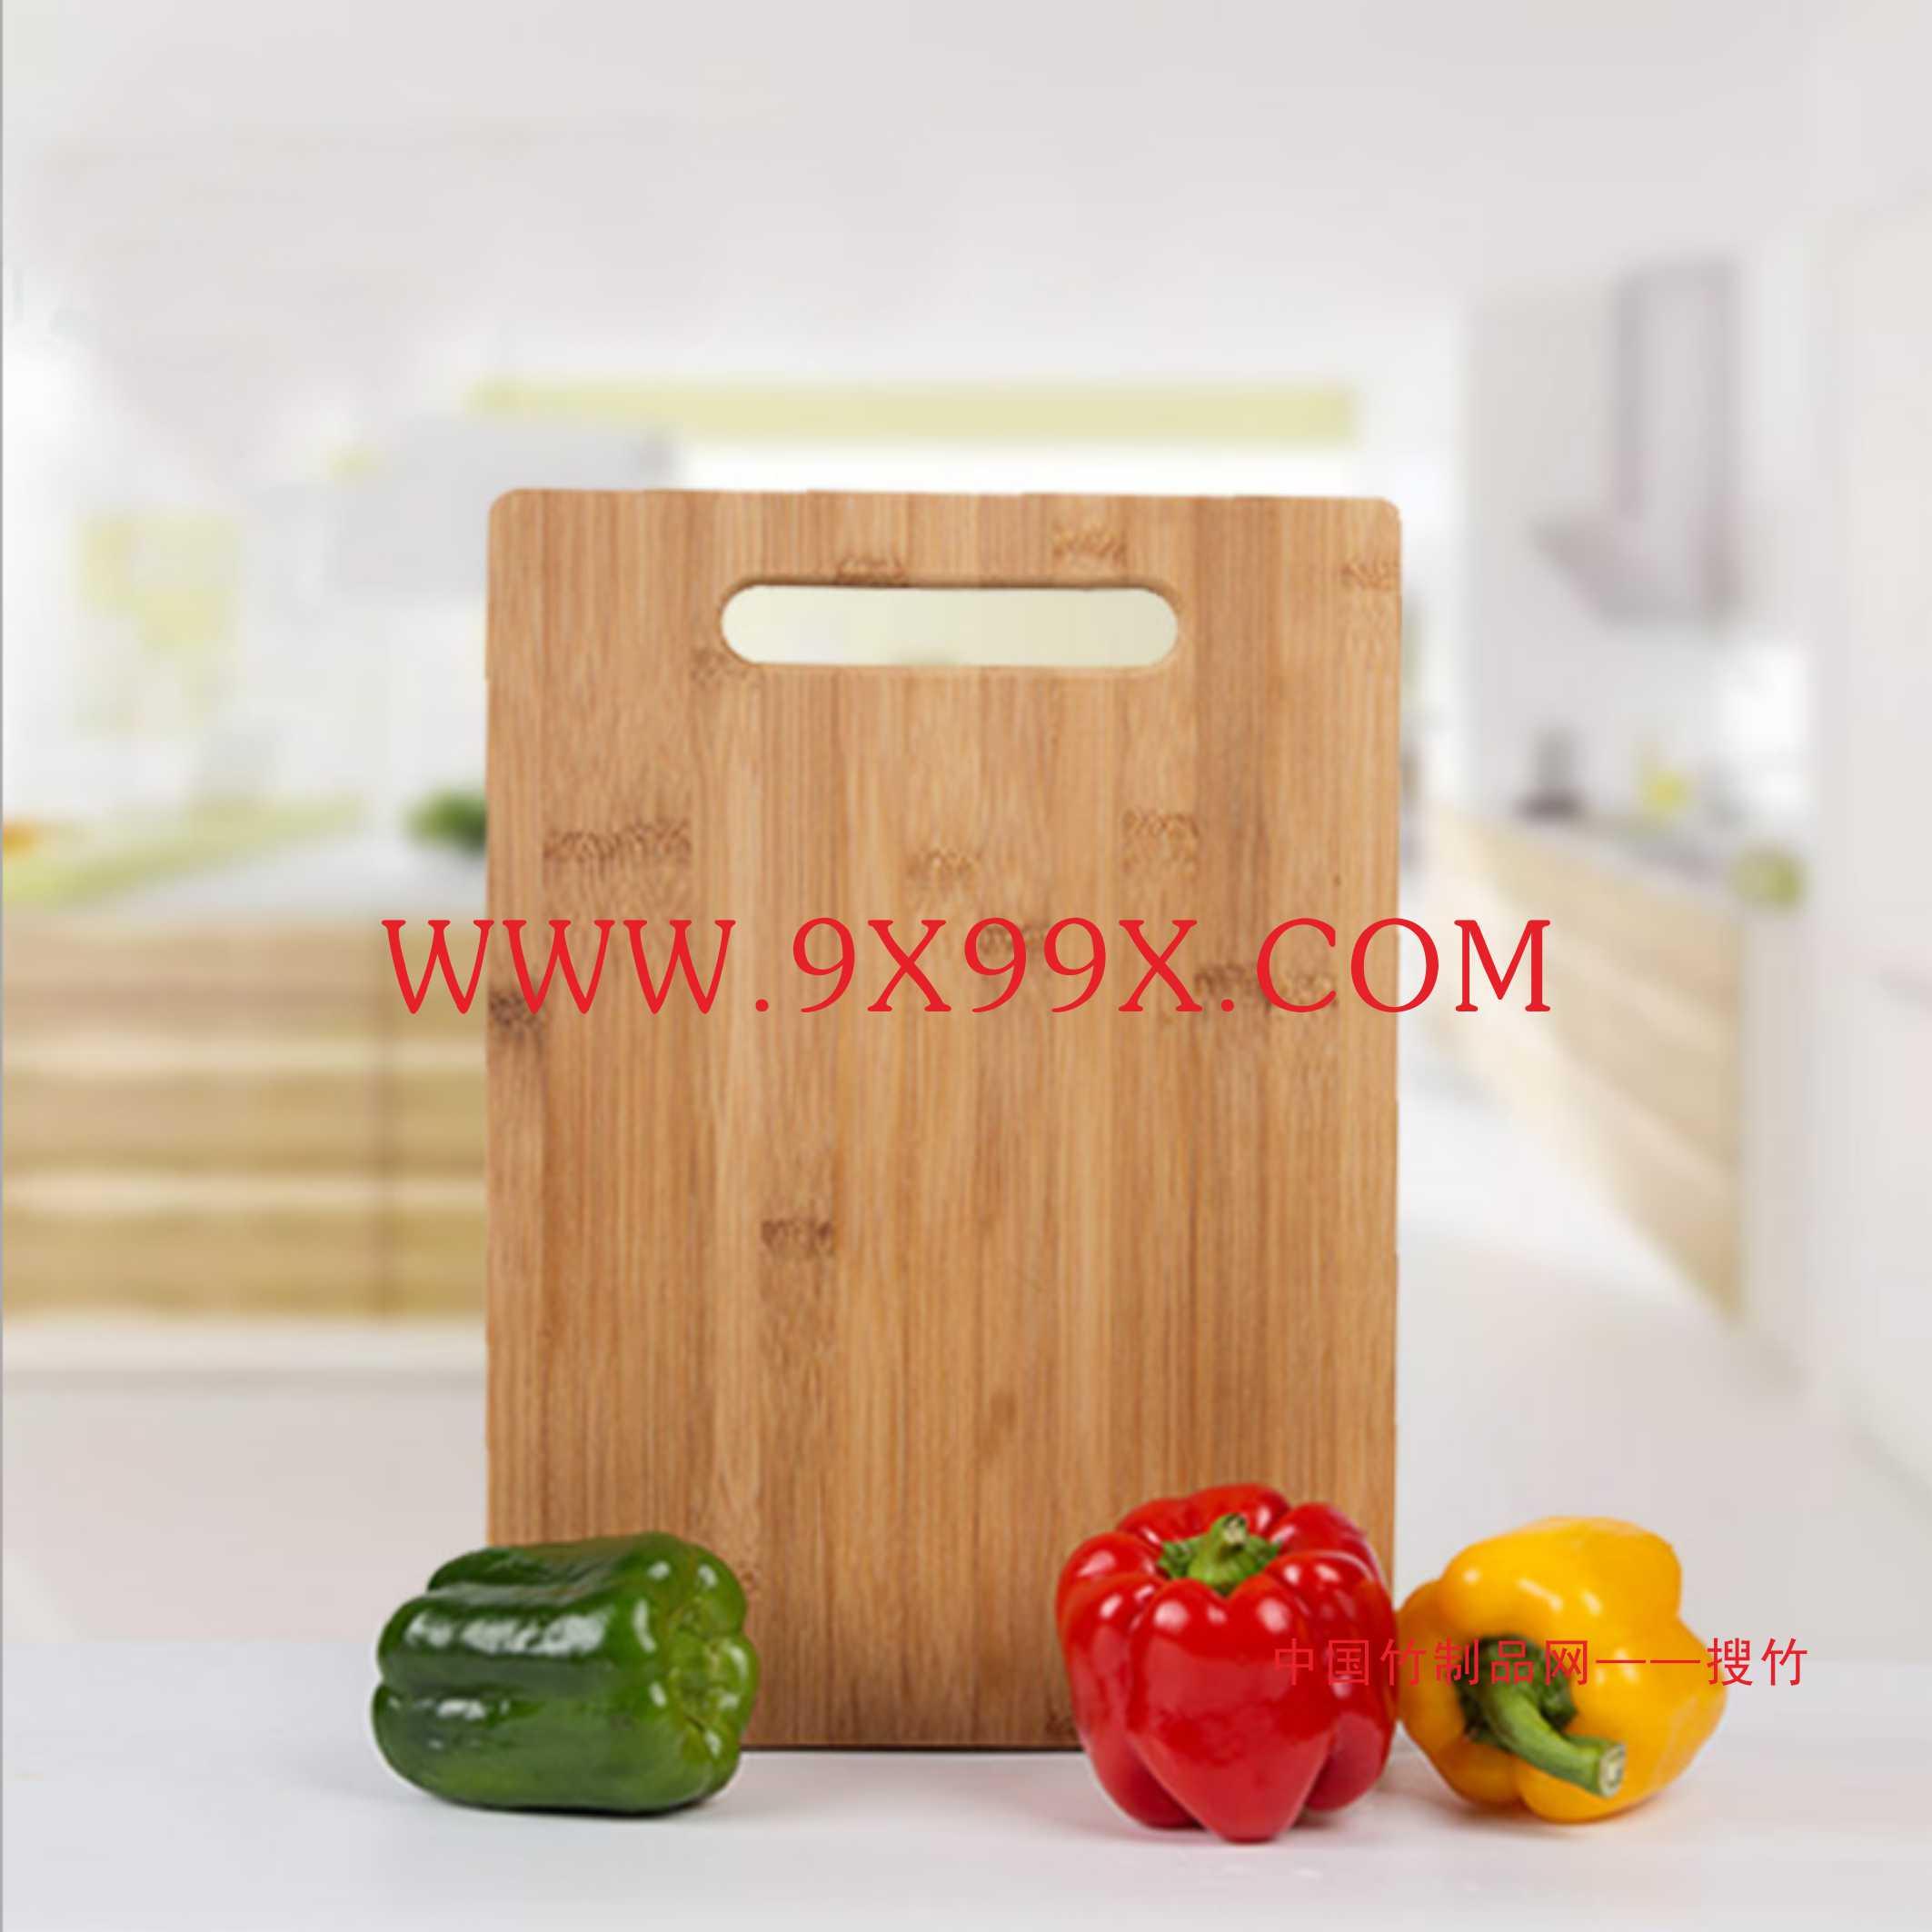 廚房用品 天然楠竹實心加厚切菜板 砧板 案板批發